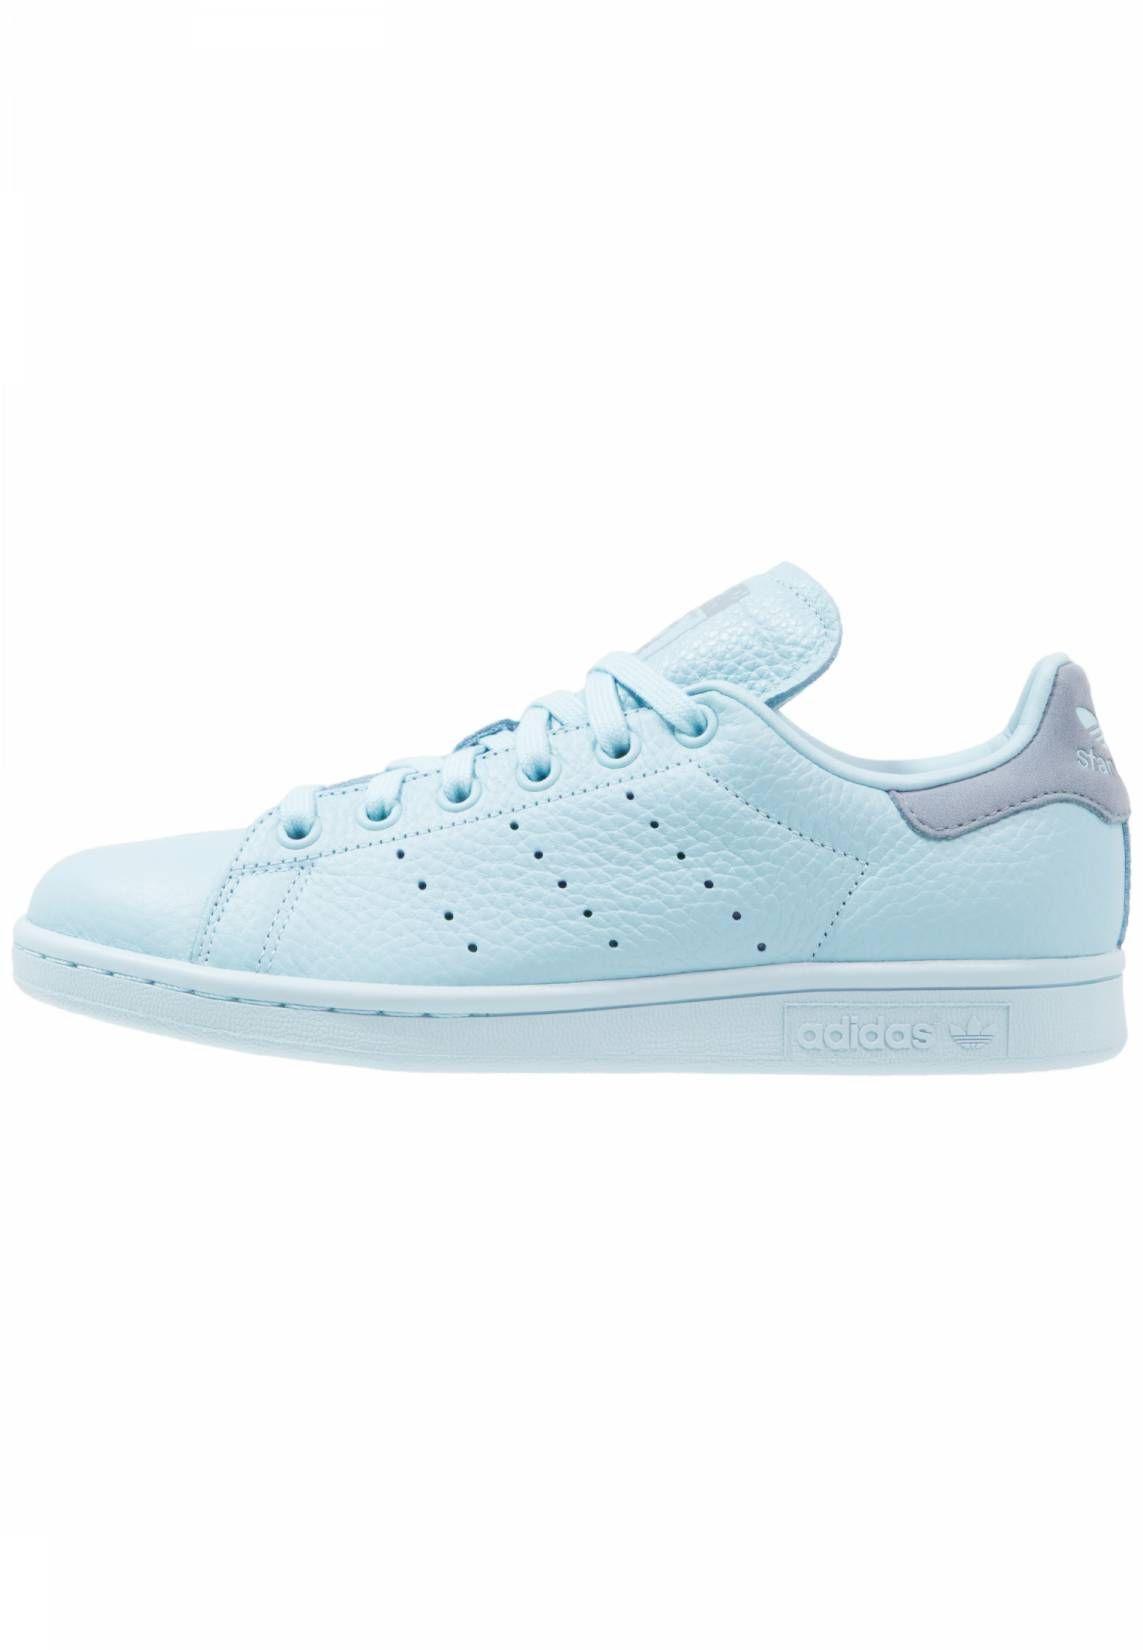 quality design ec38e 79a4b adidas Originals. STAN SMITH - Baskets basses - ice blue ...